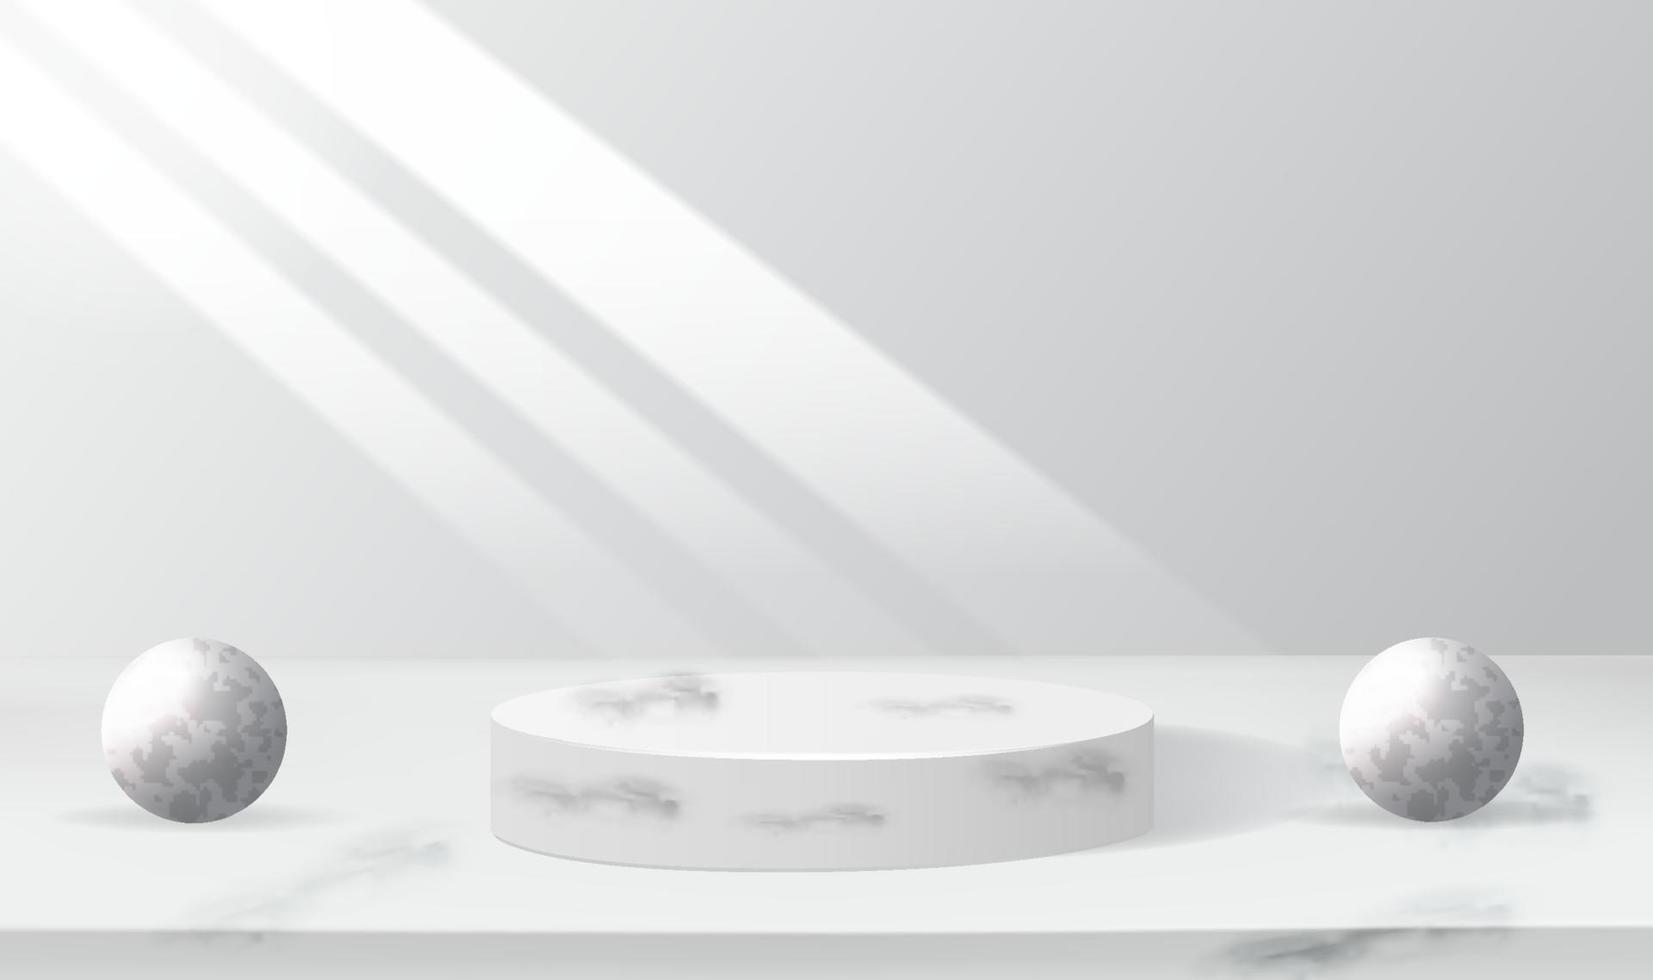 3D-Grau-Render-Hintergrundvektor mit weißer Podiumsproduktpräsentation, Kosmetik, Podium, Bühne vektor